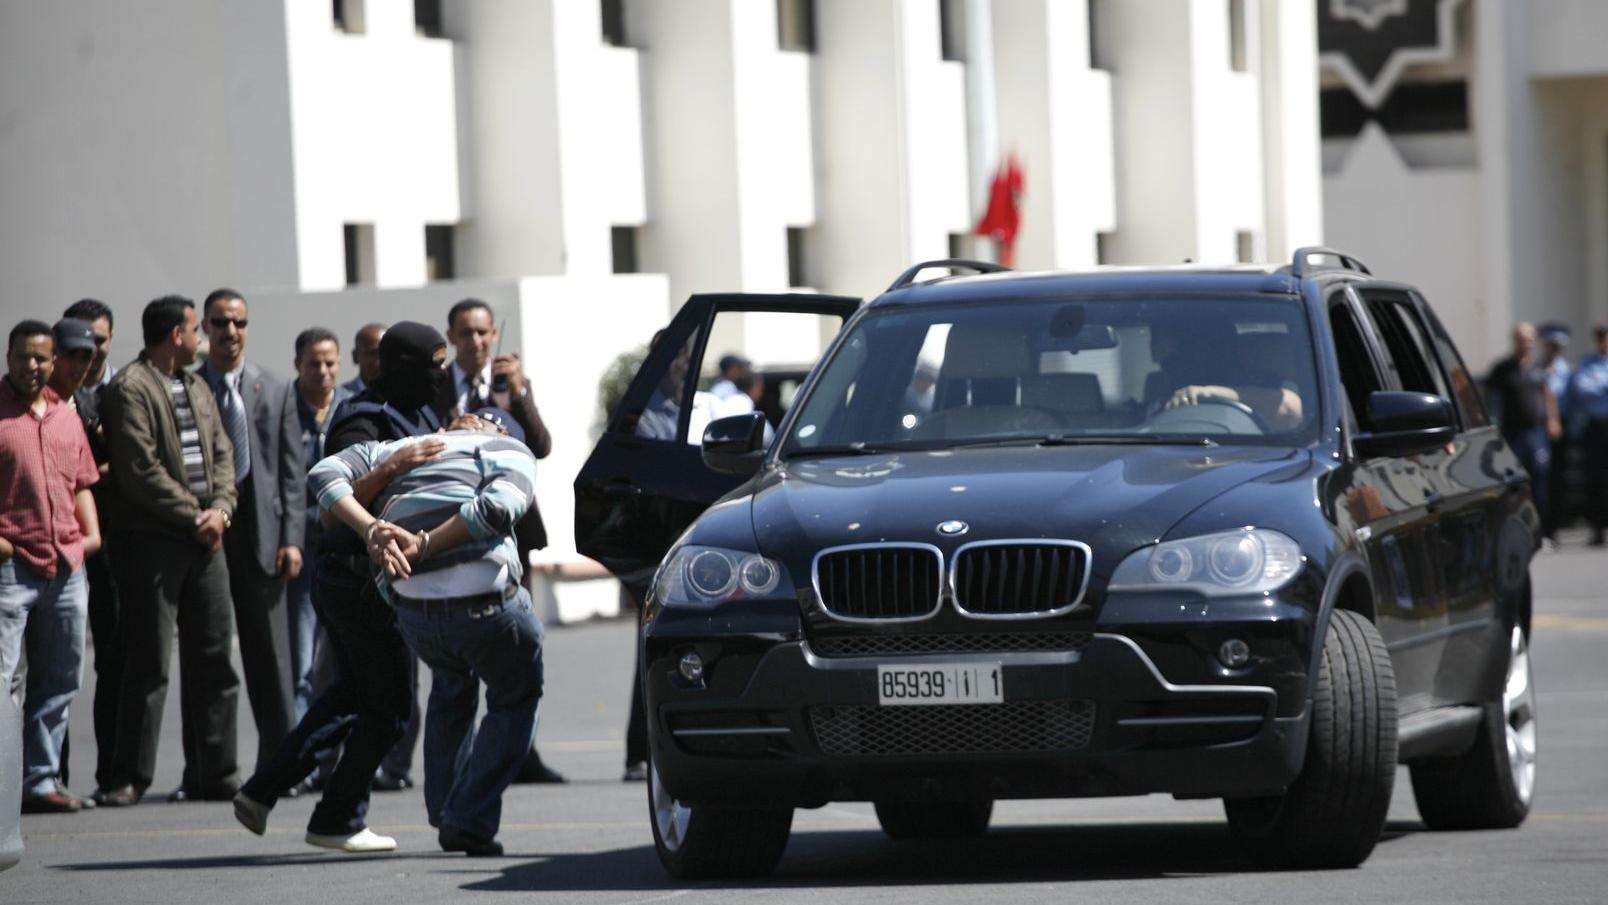 صور رائعة للشرطة المغربية 2014 Police13